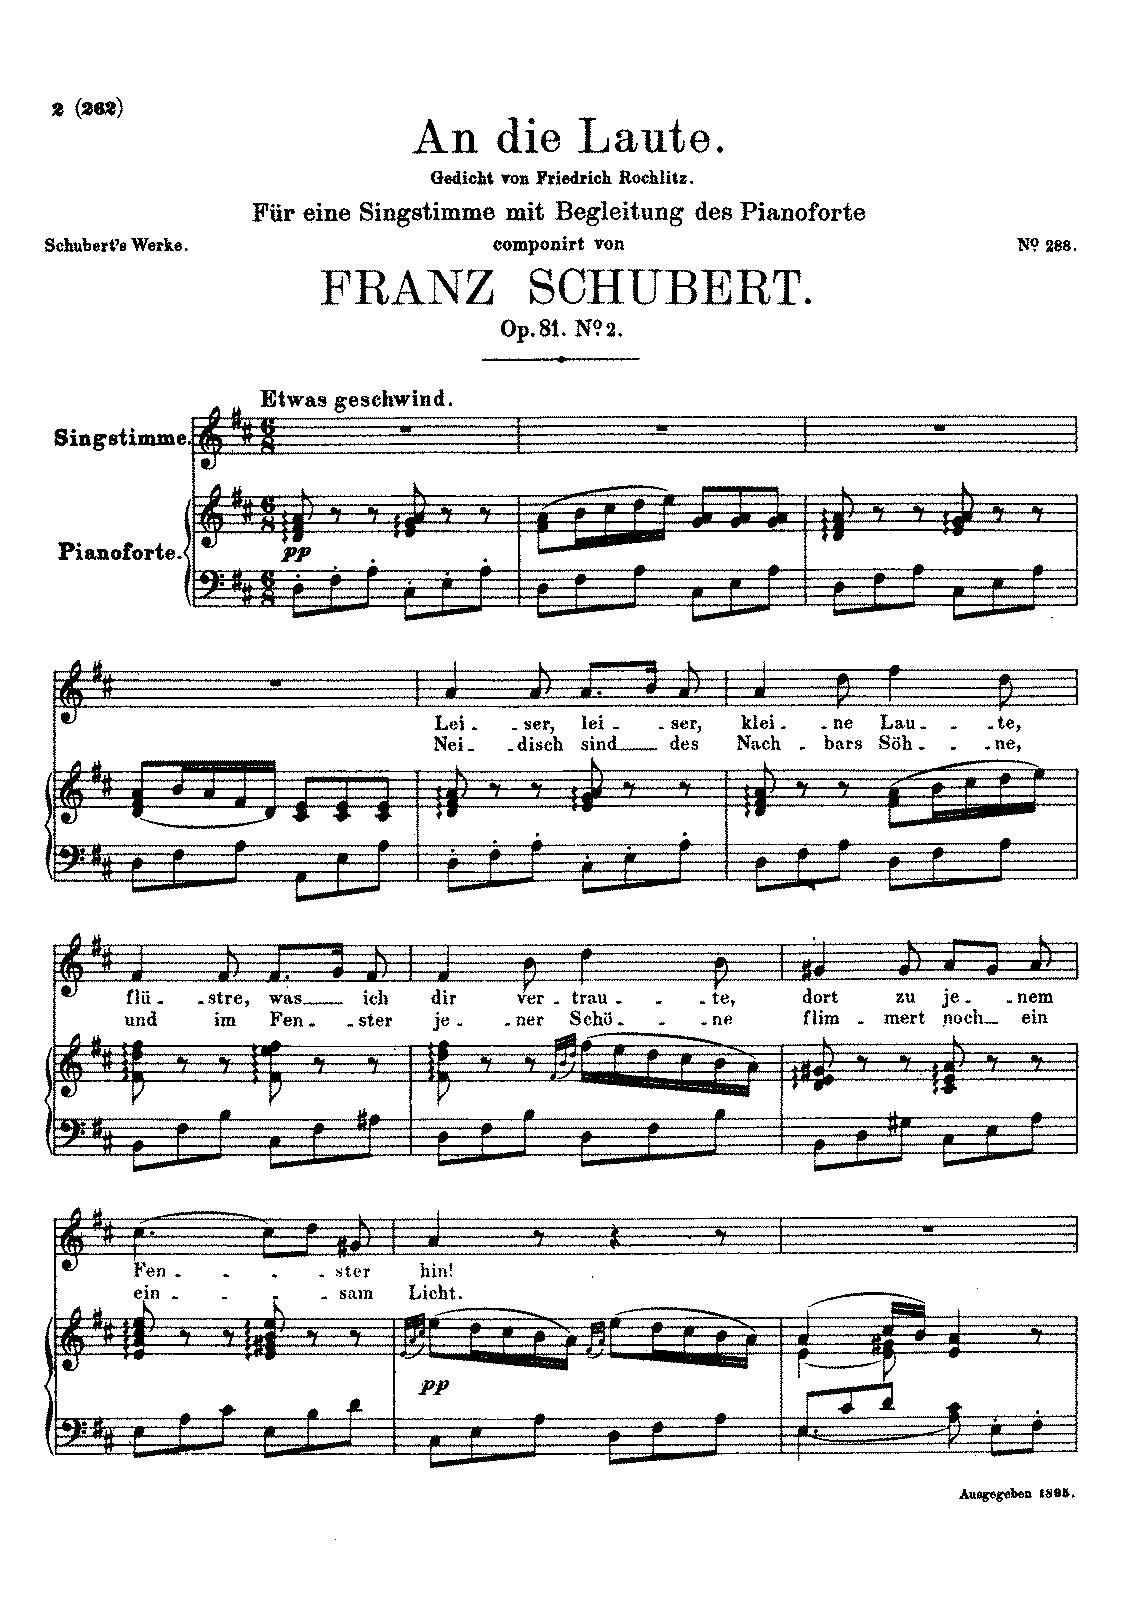 An die Laute, D.905 (Schubert, Franz) - IMSLP/Petrucci Music Library ...